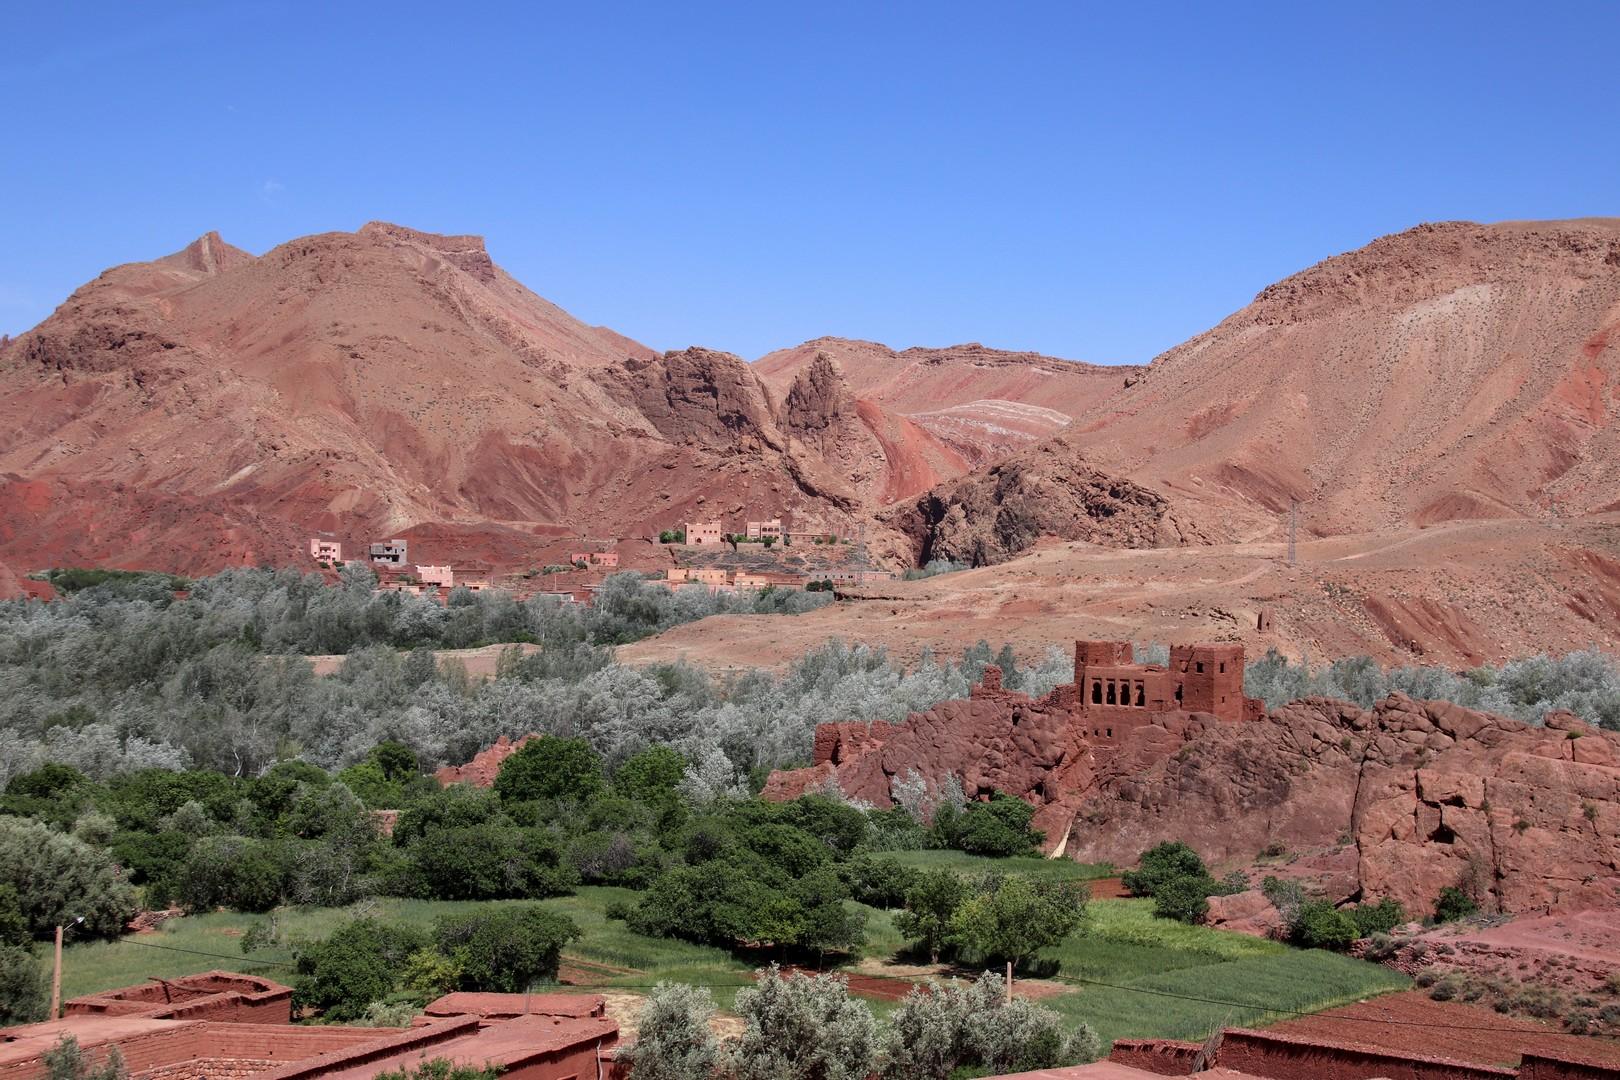 Maroc - Kasbah abandonnée dans la vallée du Dadès